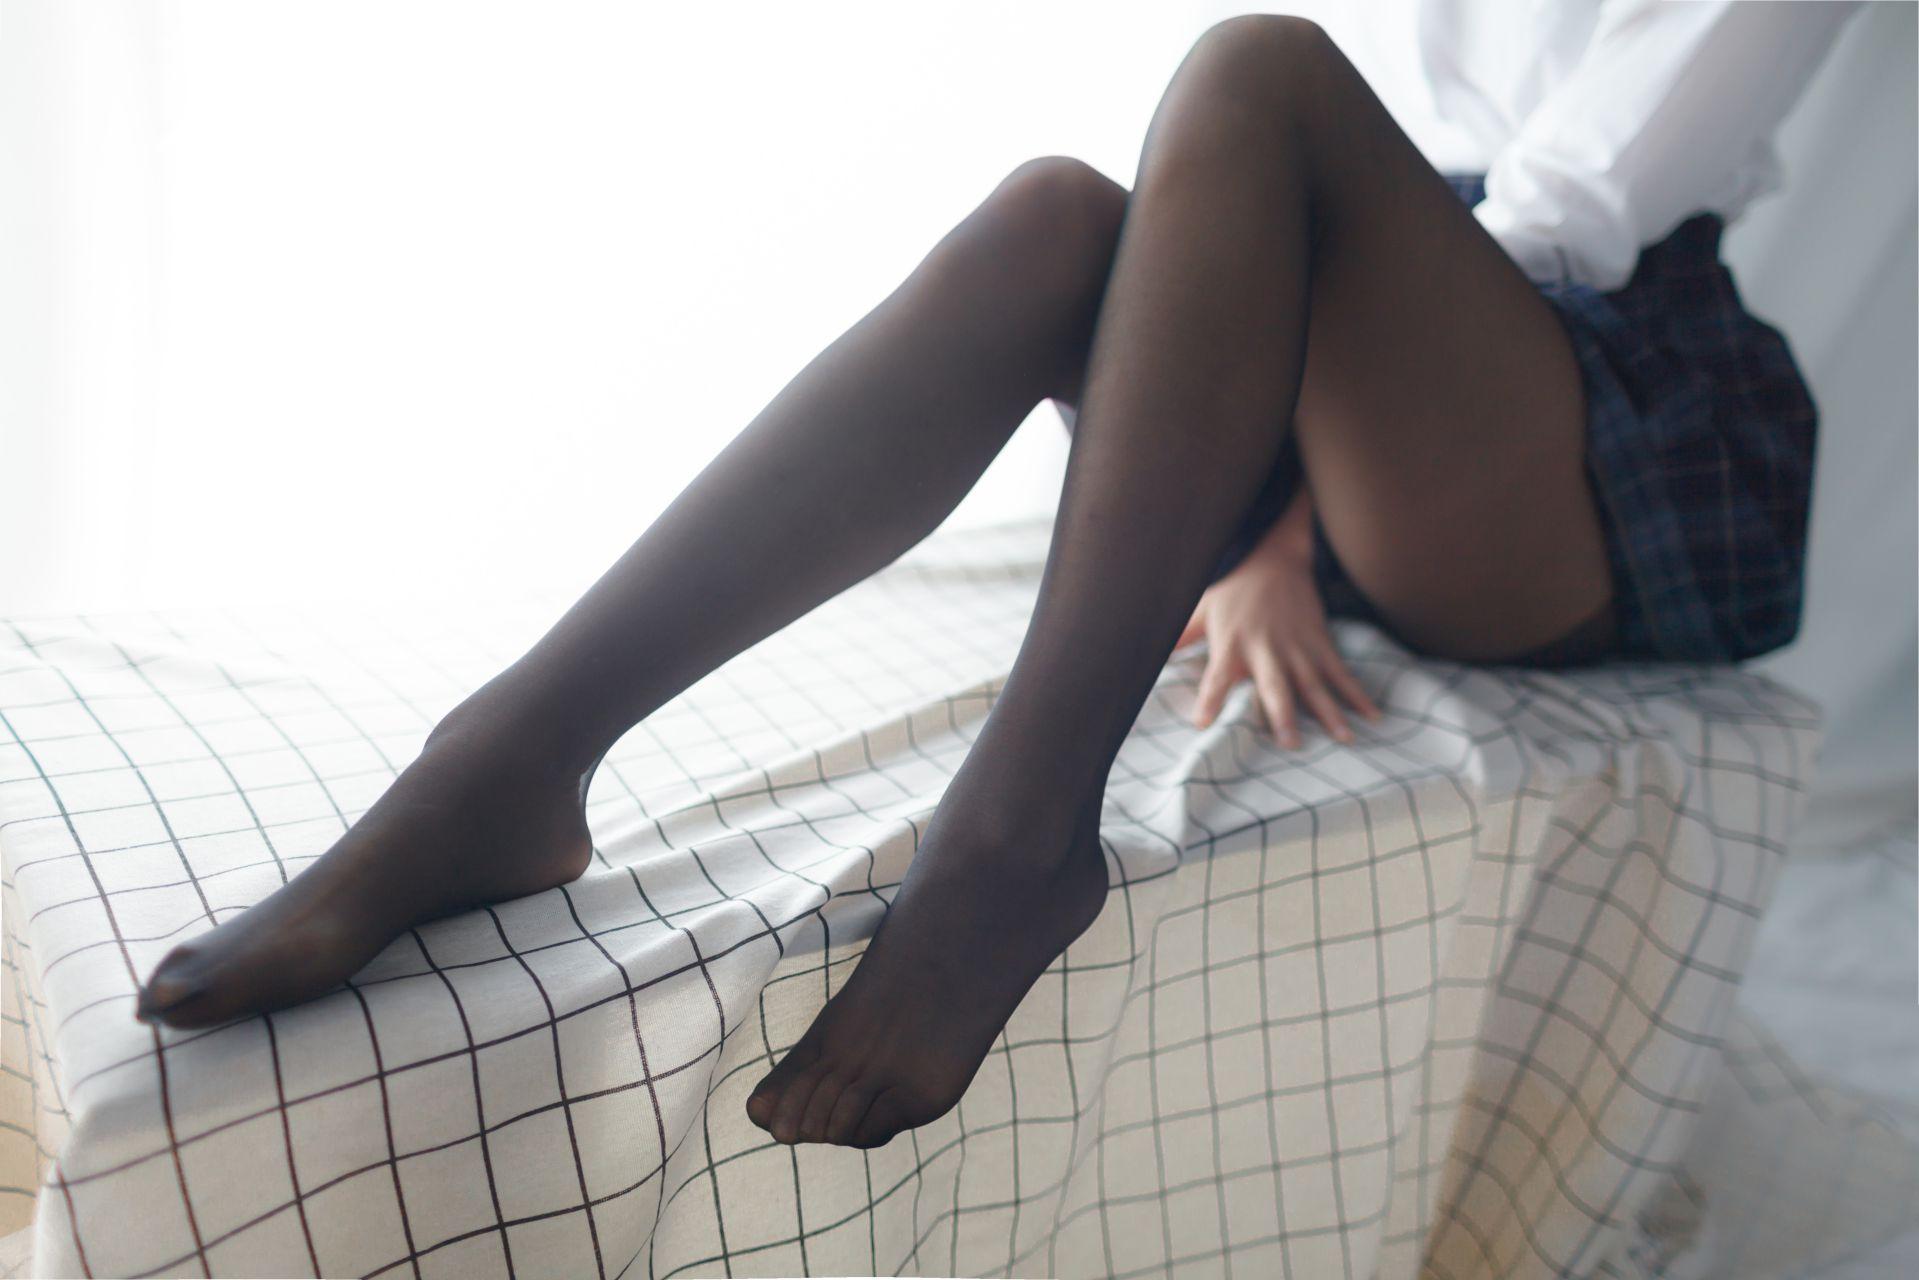 少女秩序 EXVOL.05 黑丝的绝对诱惑 兔玩映画 第19张